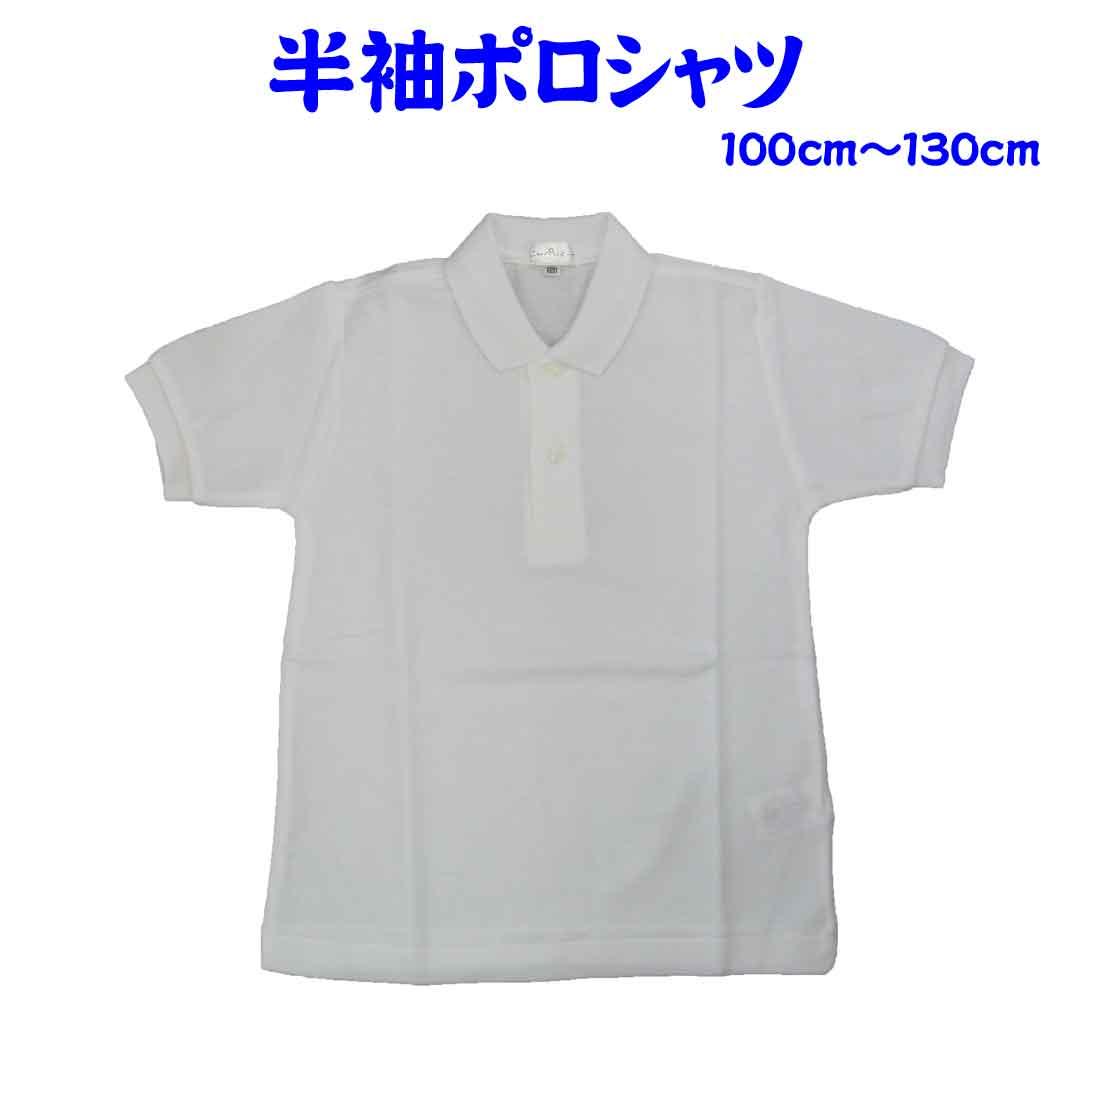 半袖ポロシャツ 子供用 こんぺいとー ロリポップ キッズポロシャツ ポケットなし 白 お受験 通園 通学 100cm~130cm